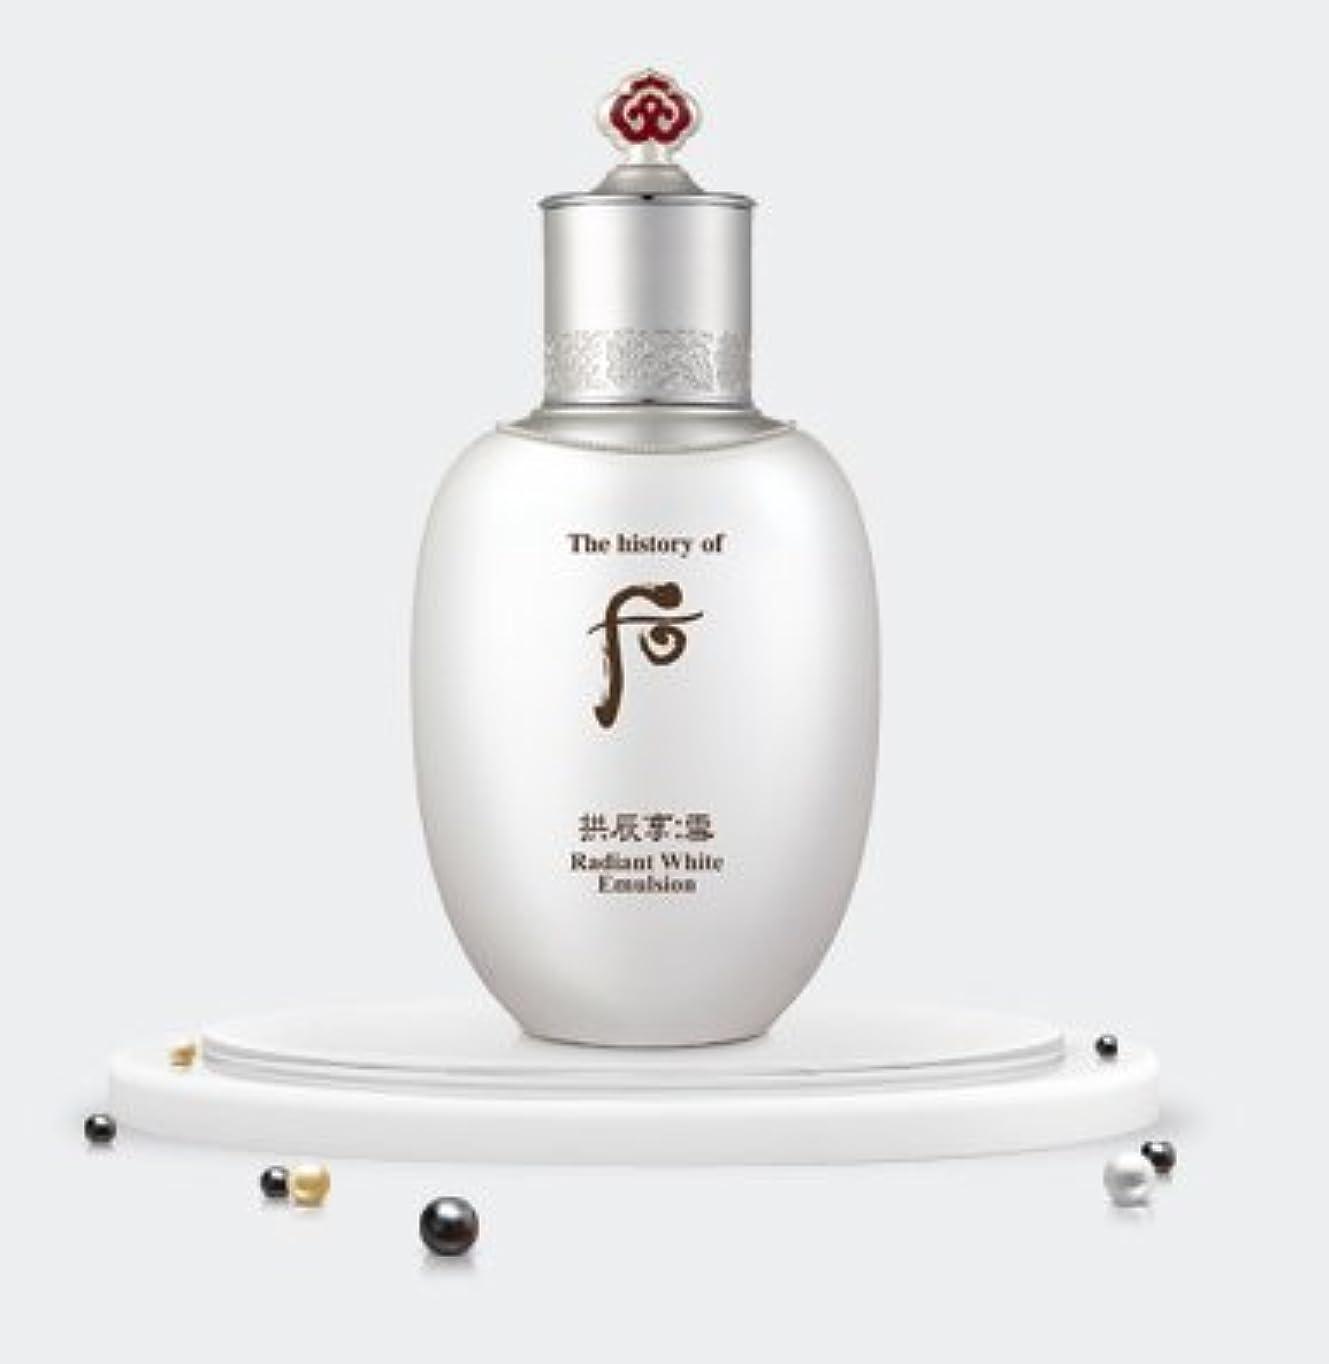 一致新しい意味外国人The History of Whoo Gongjinhyang: Seol Whitening Lotion 110ml K-beauty[並行輸入品]